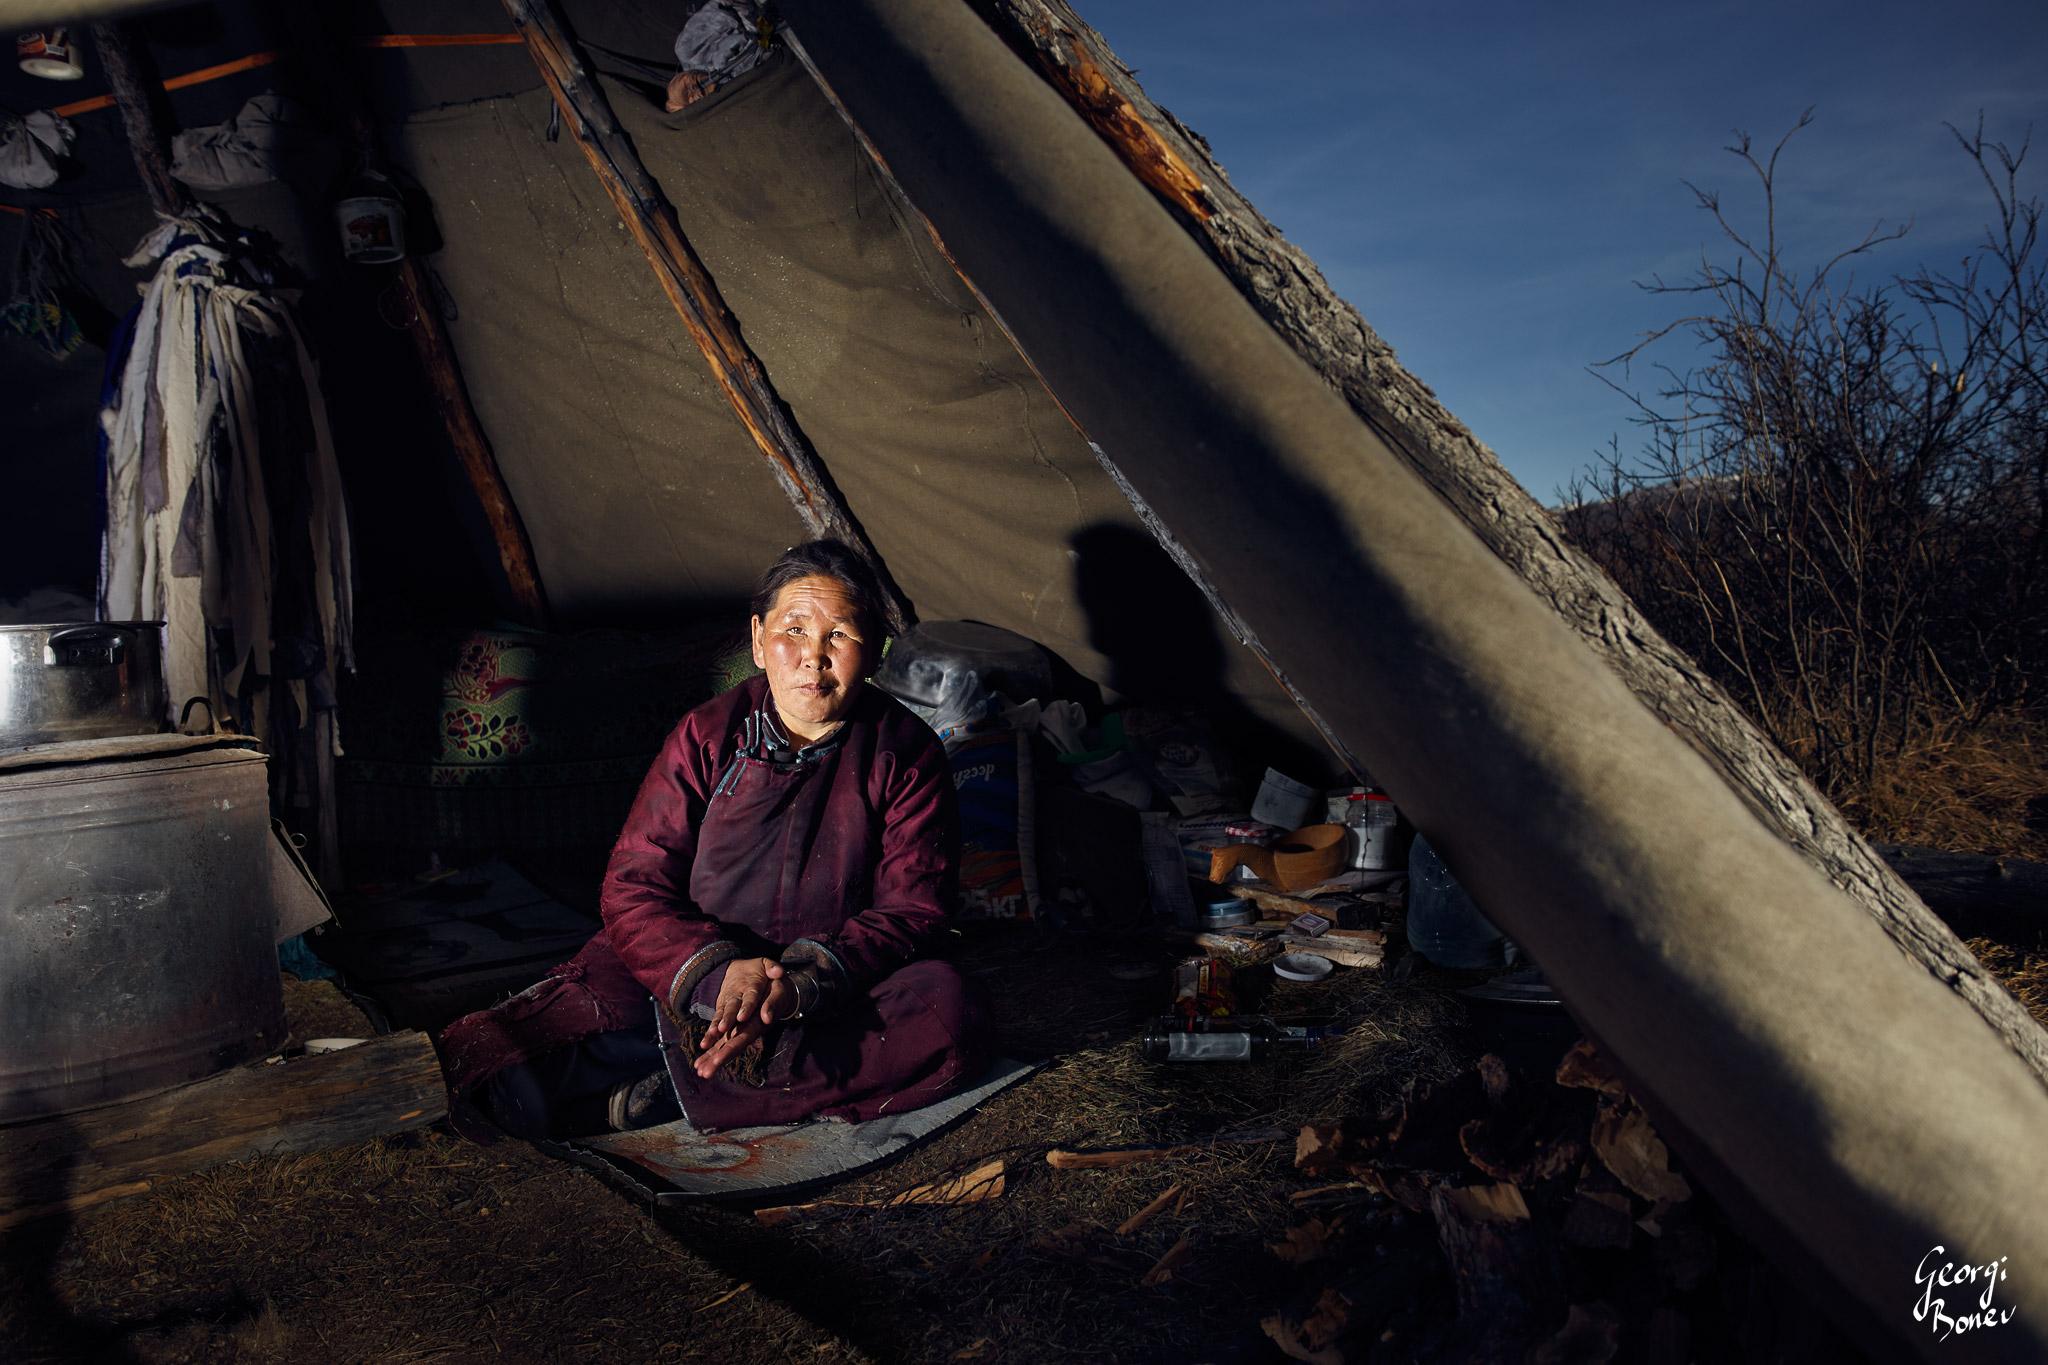 SHAMAN TSETSE IN HER TEEPPE, TSAATAN CAMP, MONGOLIA